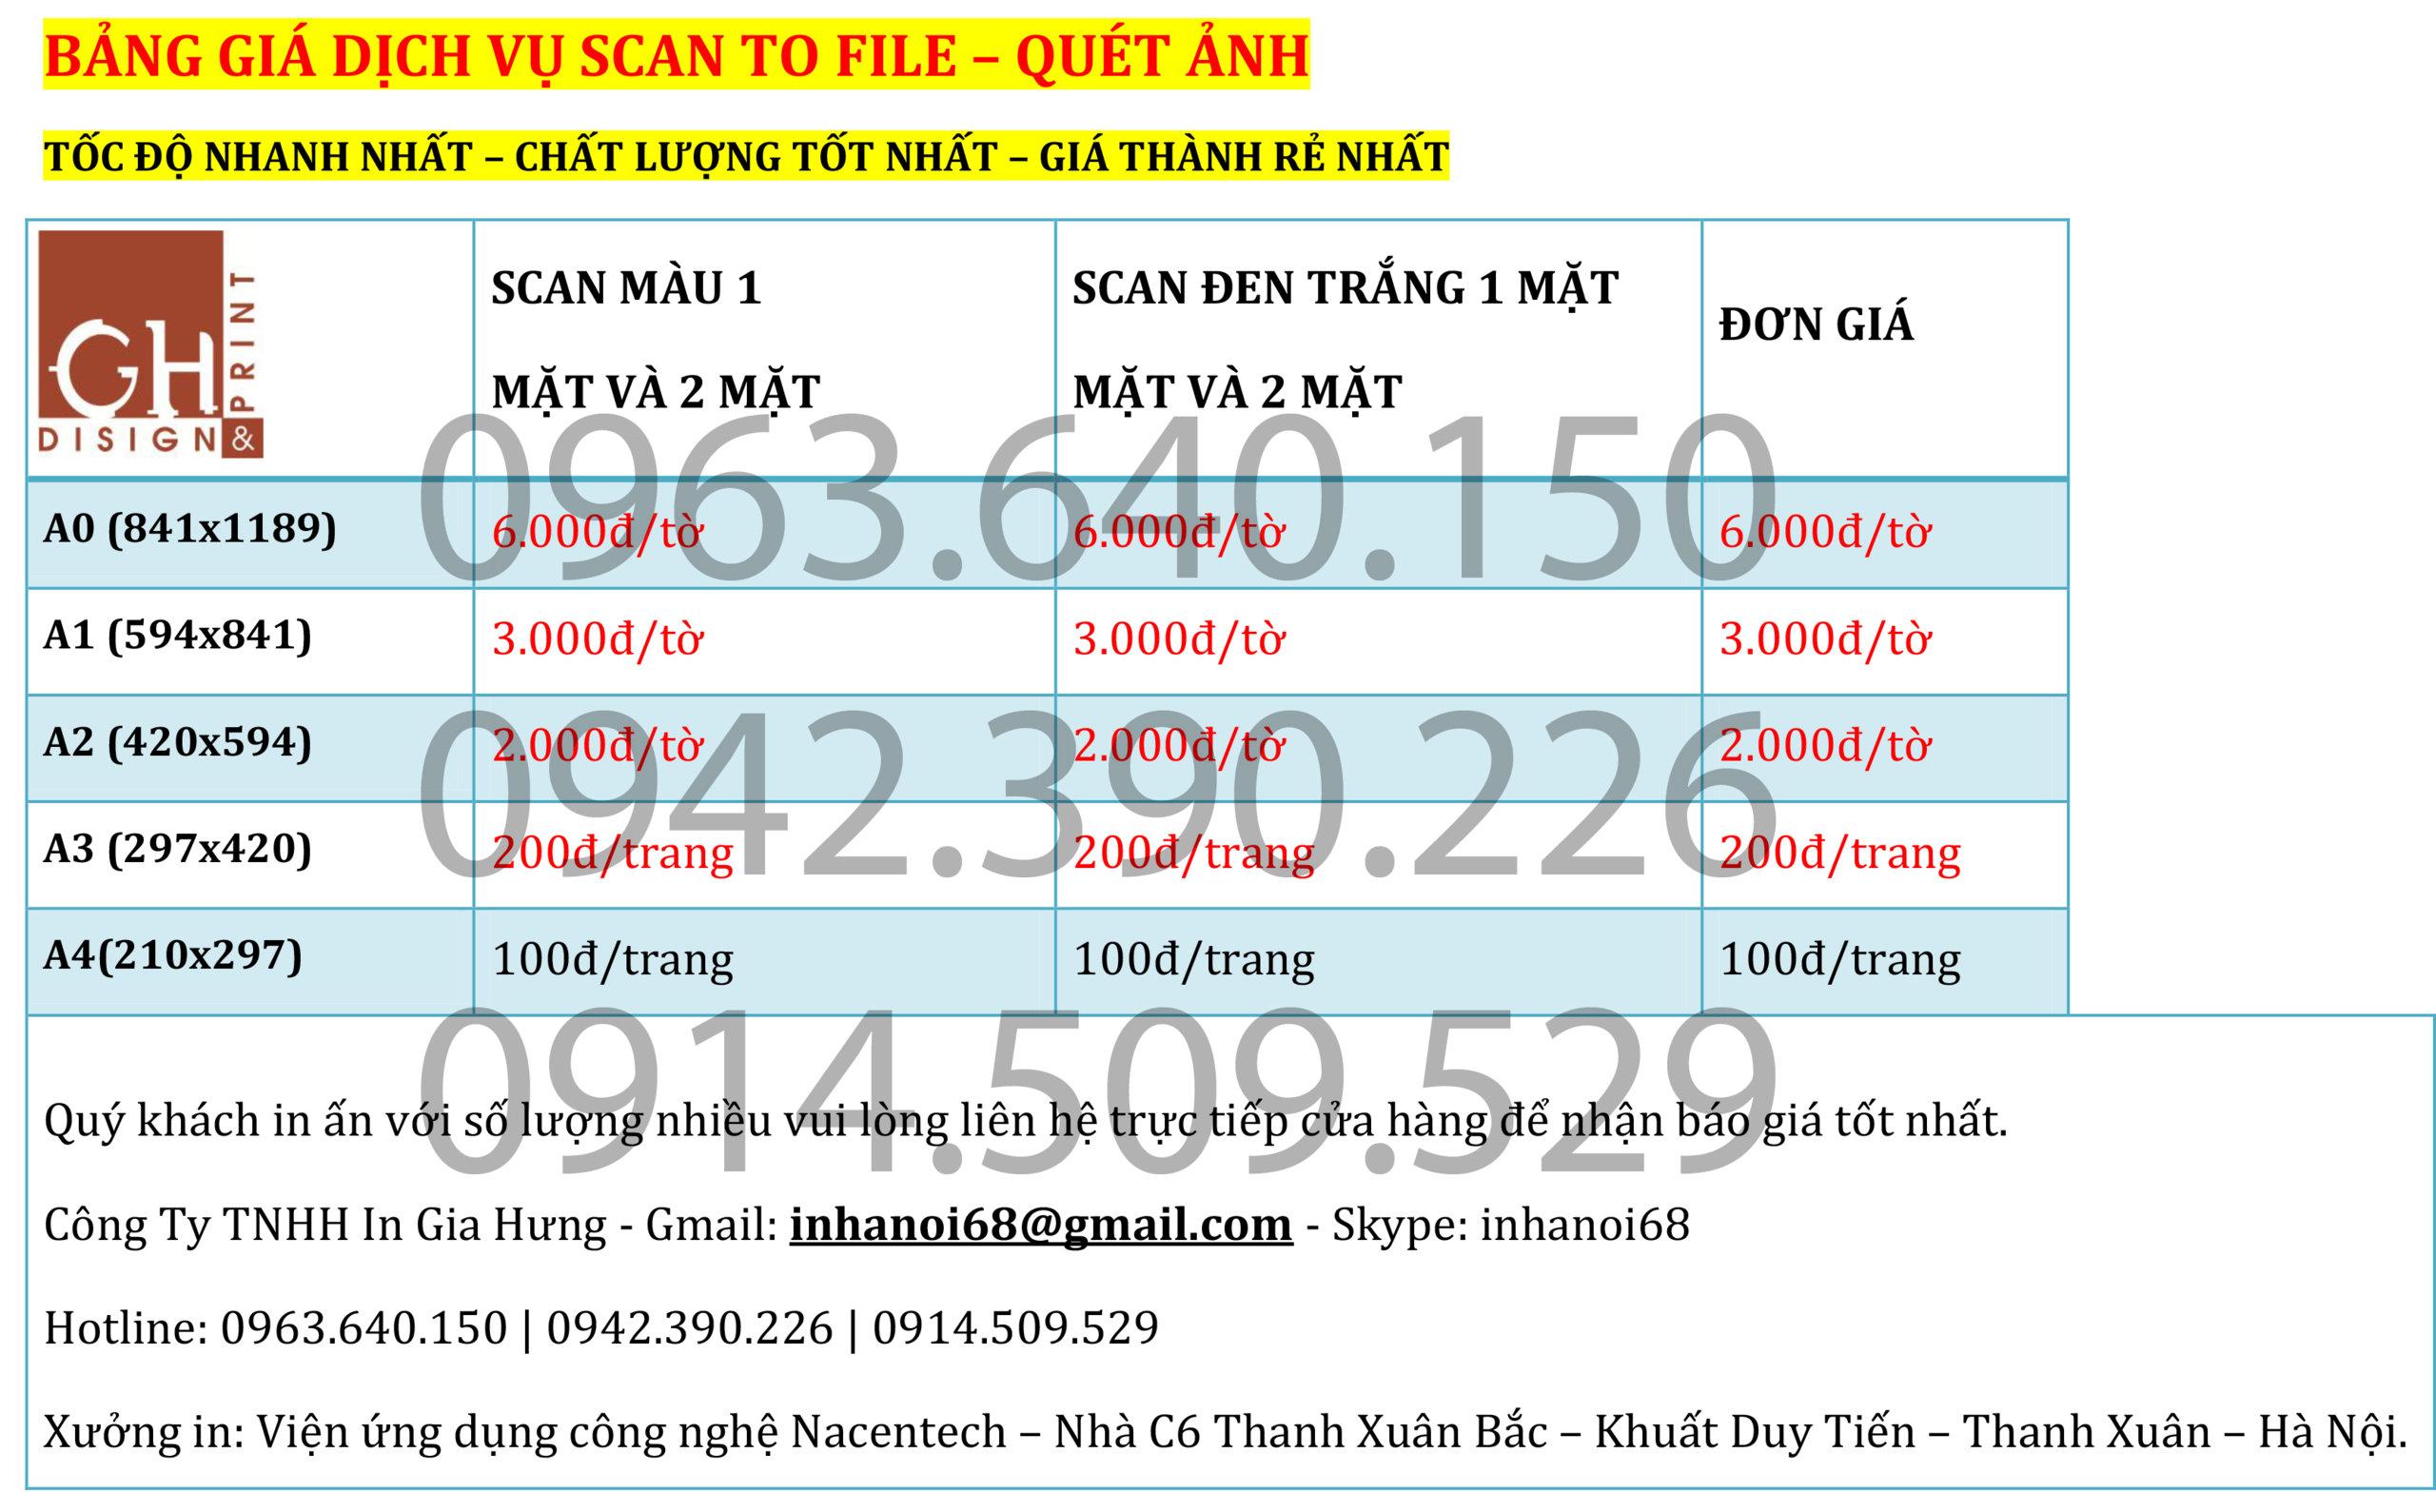 9. Photo màu giá rẻ tại Hà Nội. Photo tài liệu màu giá rẻ nhất Tại Hà Nội.